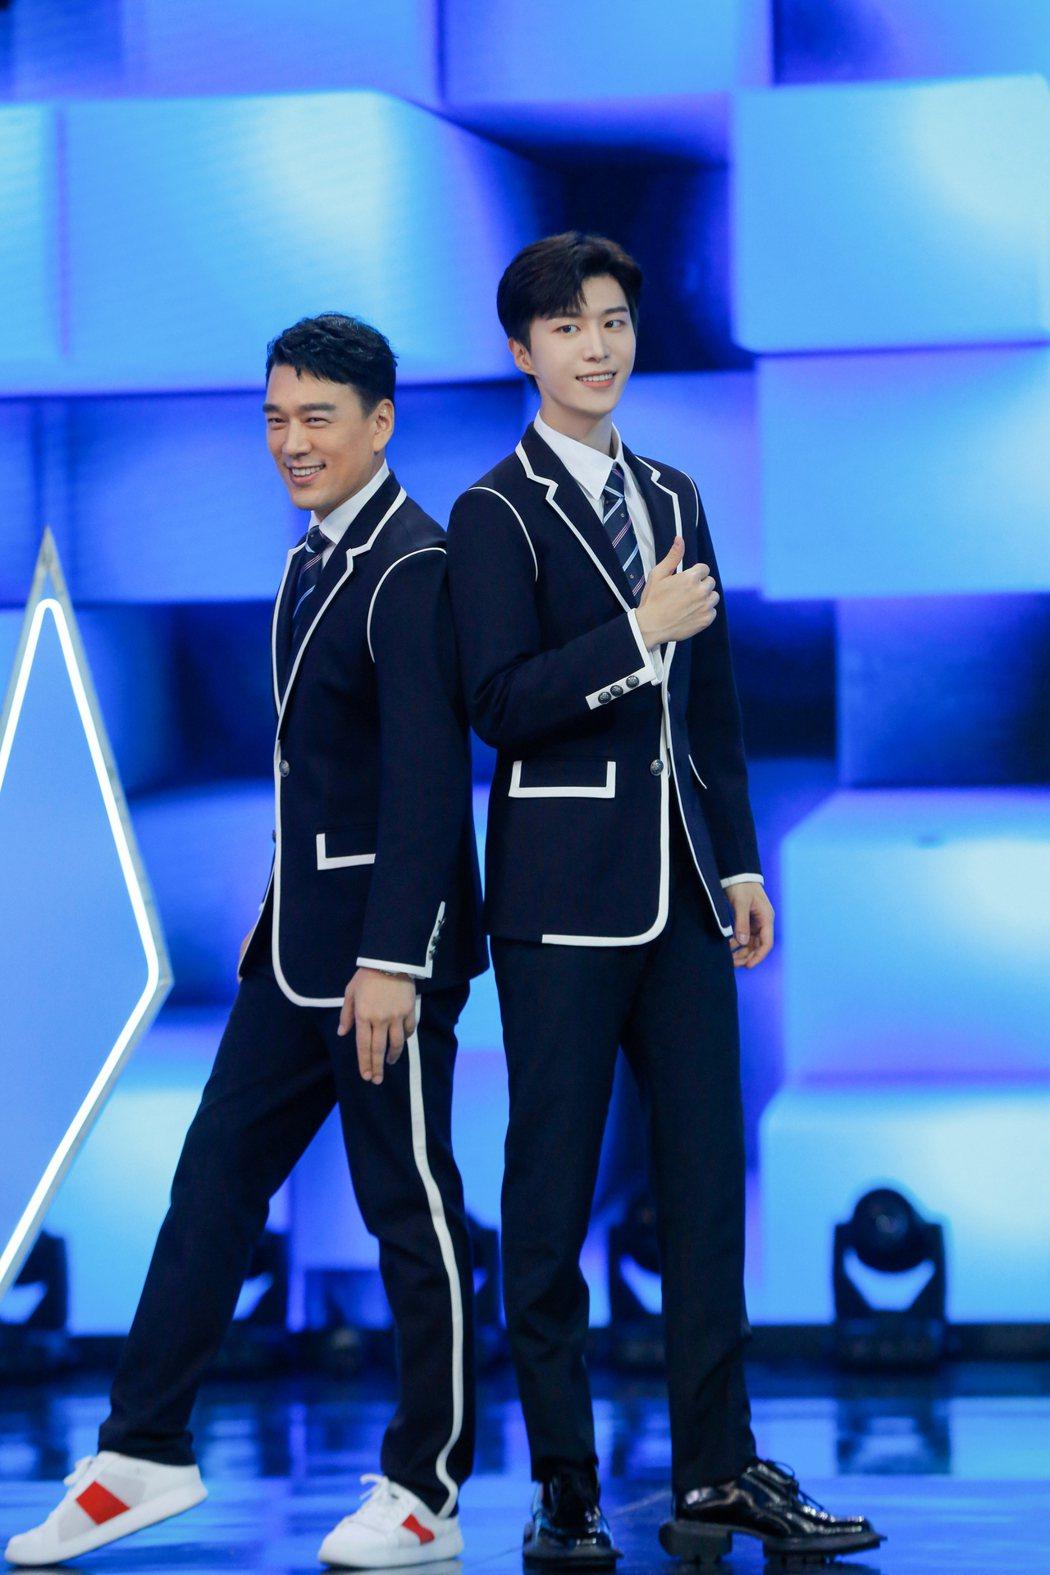 王耀慶成為「披荆斬棘的哥哥」。圖/擷自微博